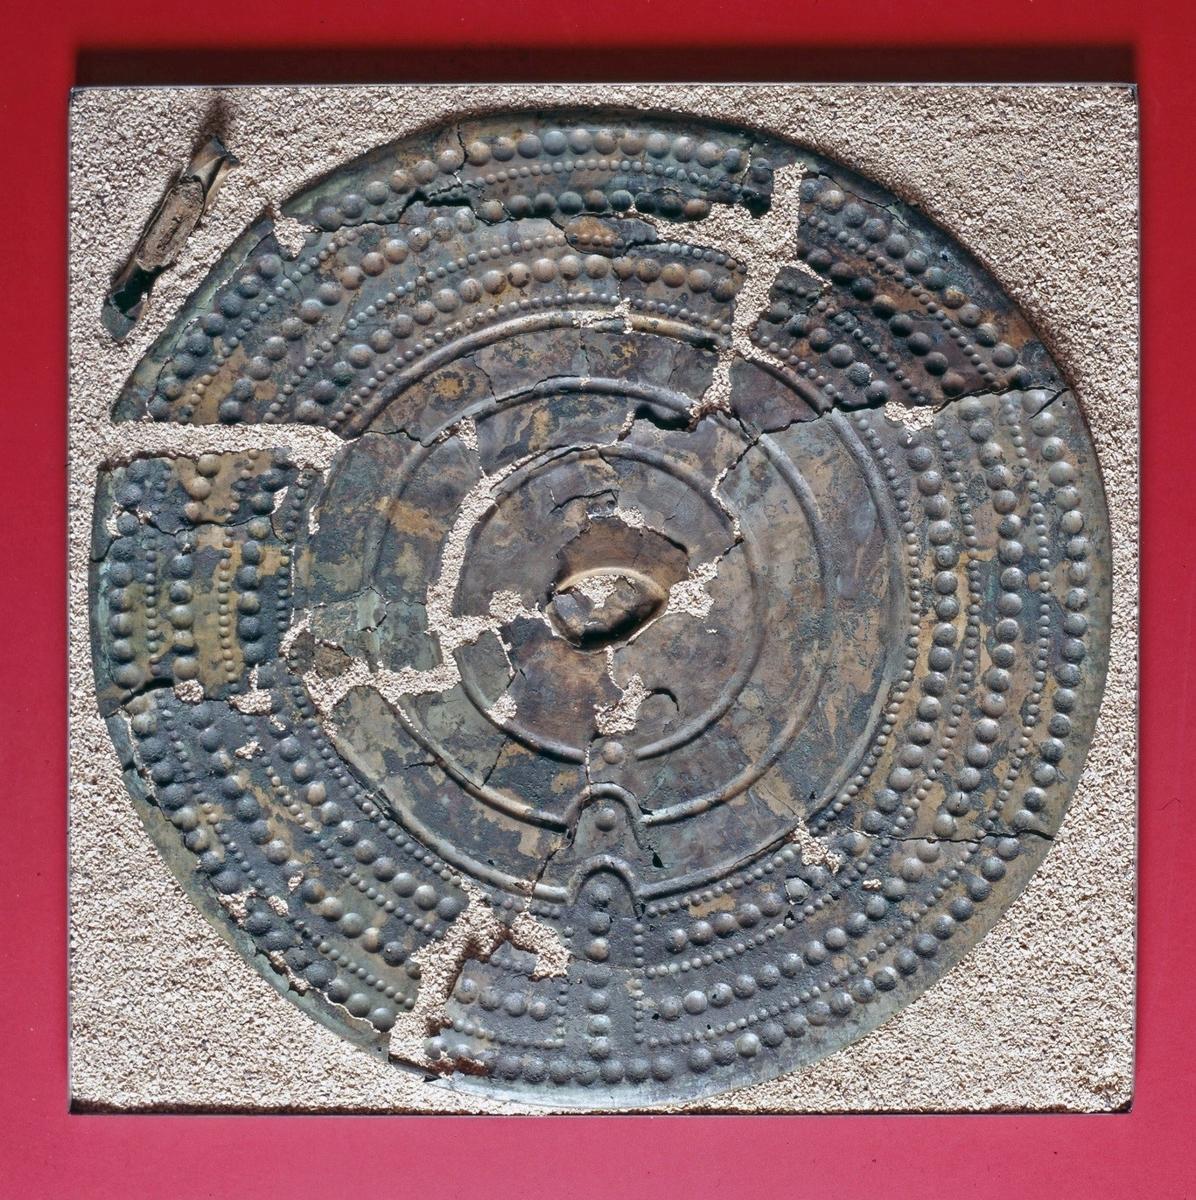 Skölden är fragmenterad, ca 5 procent av sköldplåten saknas. Omkretsen är intakt. Längd ca 688 mm, bredd ca 672 mm och tjocklek ca 0,5 mm. Sköldens vikt, inklusive handtaget, uppgår till 1349 gram.  Sköldkanten är jämnt rundad och väl omvikt mot framsidan, ursprungligen runt en kärna av tenn av vilken rester är bevarade. Kanten är avbruten på 12 ställen. Kanttjocklek: ca 5,8 mm. Spår av kantlagningar i form av borrade hål förekommer på tre ställen; i två fall på ömse sidor om en sprickbildning, i det tredje som ett enstaka hål. Inga spår av lagningsbleck eller tråd kan iakttas. I sköldens centrala del finns tre vulster med flackt bågformade tvärsnitt. Bredd: 10,8-11,6 mm, djup 1,9-2,9 mm. Sköldbucklan, som har haft oval form, är bevarad till ca 75 procent. Då den ena spetsen saknas uppskattas längden till ca 85 mm. Bredden är 51 mm men eftersom bucklan är delvis deforme-rad har den sannolikt varit något bredare. Höjden varierar mellan 7,9-9,1 mm till följd av att plåten är mycket tillknycklad. Sköldhandtaget som lossnat från plåten är brett med flack välvning. Längd: 152 mm. När handtaget bröts loss uppstod skador på såväl detta som sköldplåten. Greppets längd är 126 mm, bredd 23,9-26,6 mm och tjocklek 11,3-16,7 mm. Tvärsnittet är oregelbundet där sidorna är hårt nerhamrade med skarpt markerad vinkel mot ovansidan. Betydande rester av handtags-fyllning, förmodligen av bly, är bevarade. Sköldhandtaget har varit fastsatt med två nitar på varje sida. Ingenting tyder på att det skulle ha funnits nitbleck. Spår av drivning kan iakttas på sköldens baksida i form av linjer, ca 15 mm långa och 1-2 mm breda.